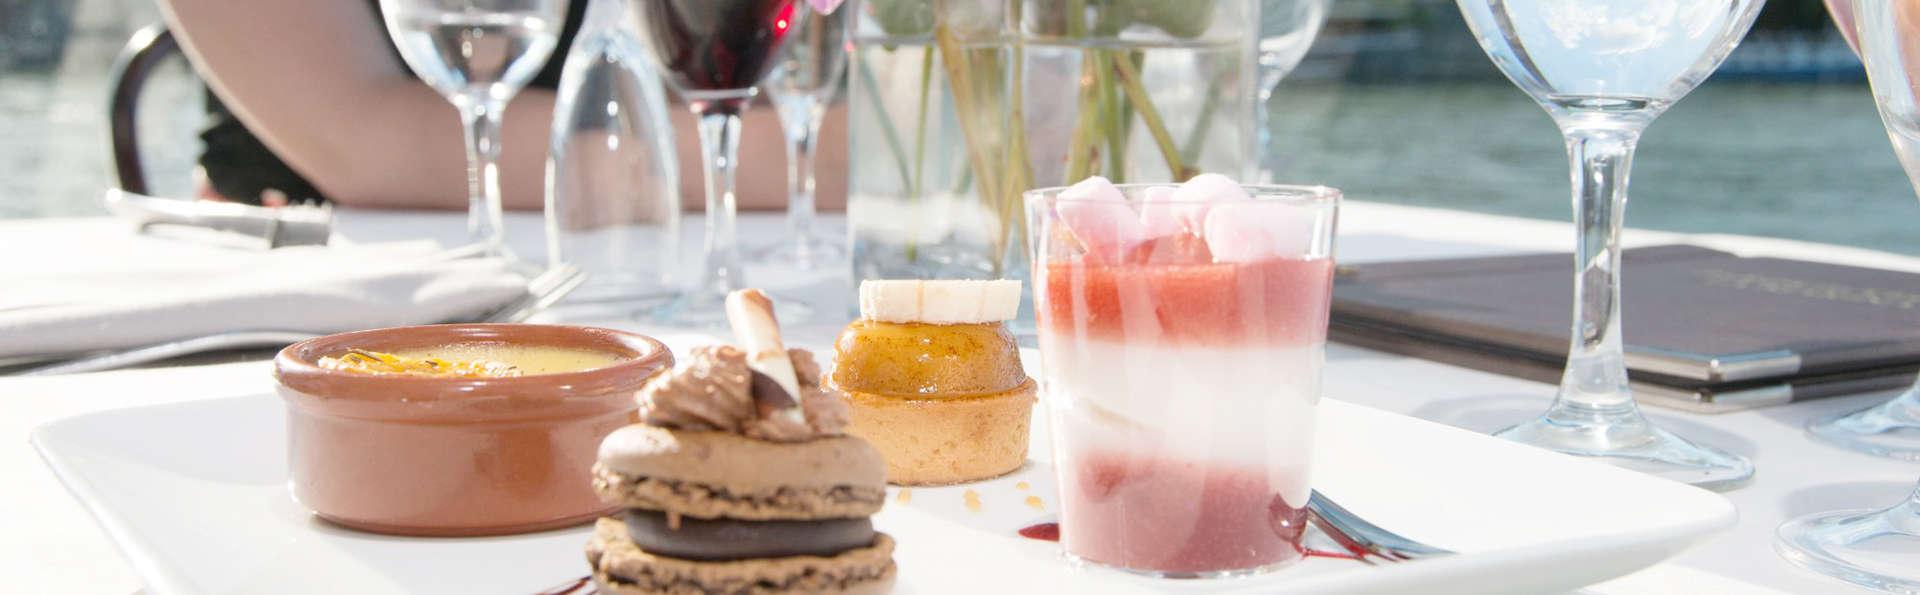 Week-end d'exception avec dîner-croisière sur la Seine dans un hôtel de charme